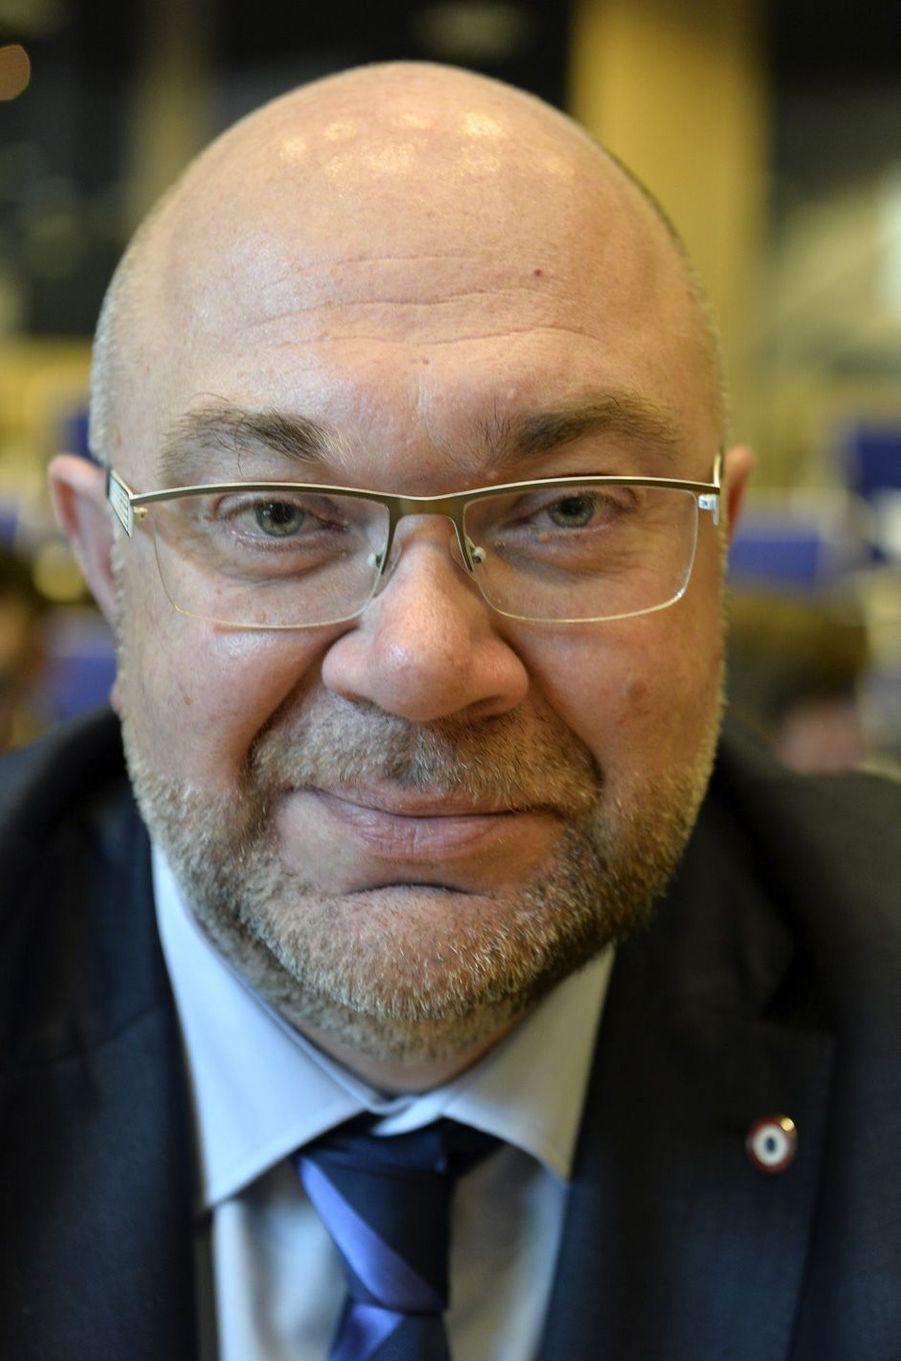 Stéphane Traverta été nommé ministre de l'Agriculture et de l'alimentation.